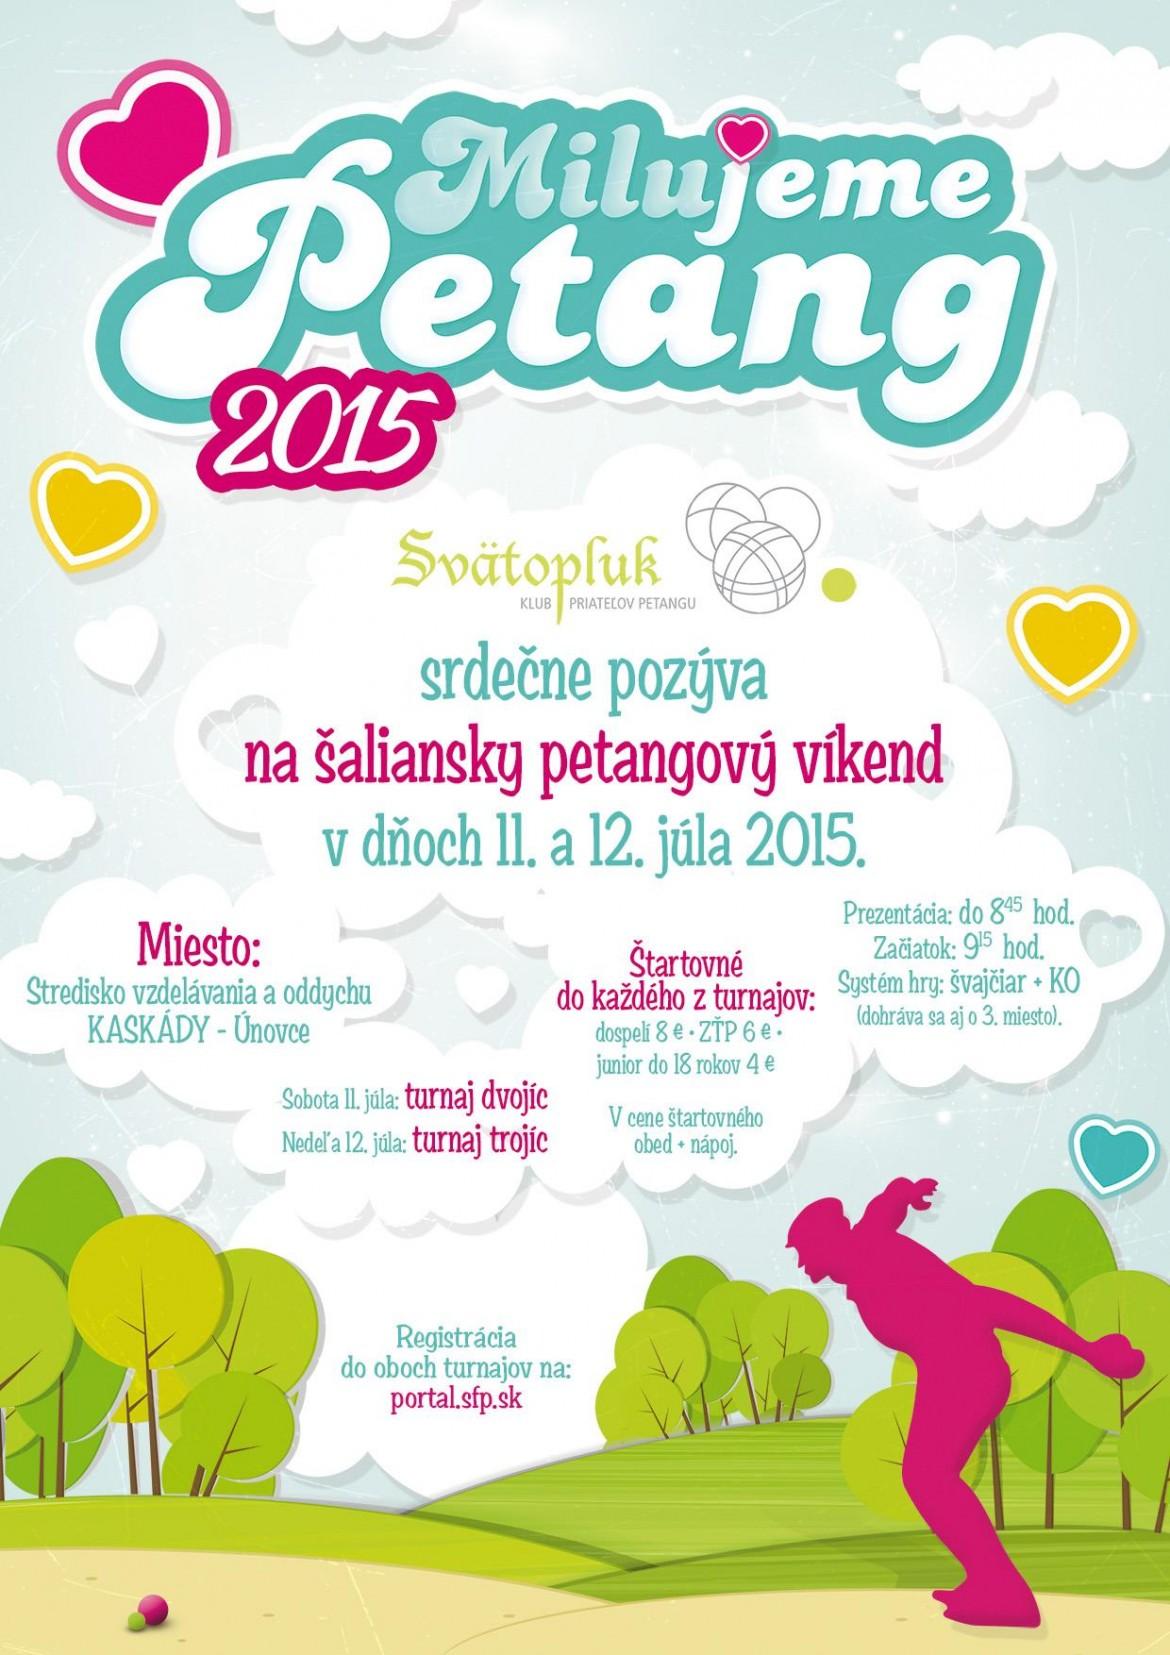 Pozvánka na petangový víkend - Milujeme Petang dňa 11. až 12.7.2015